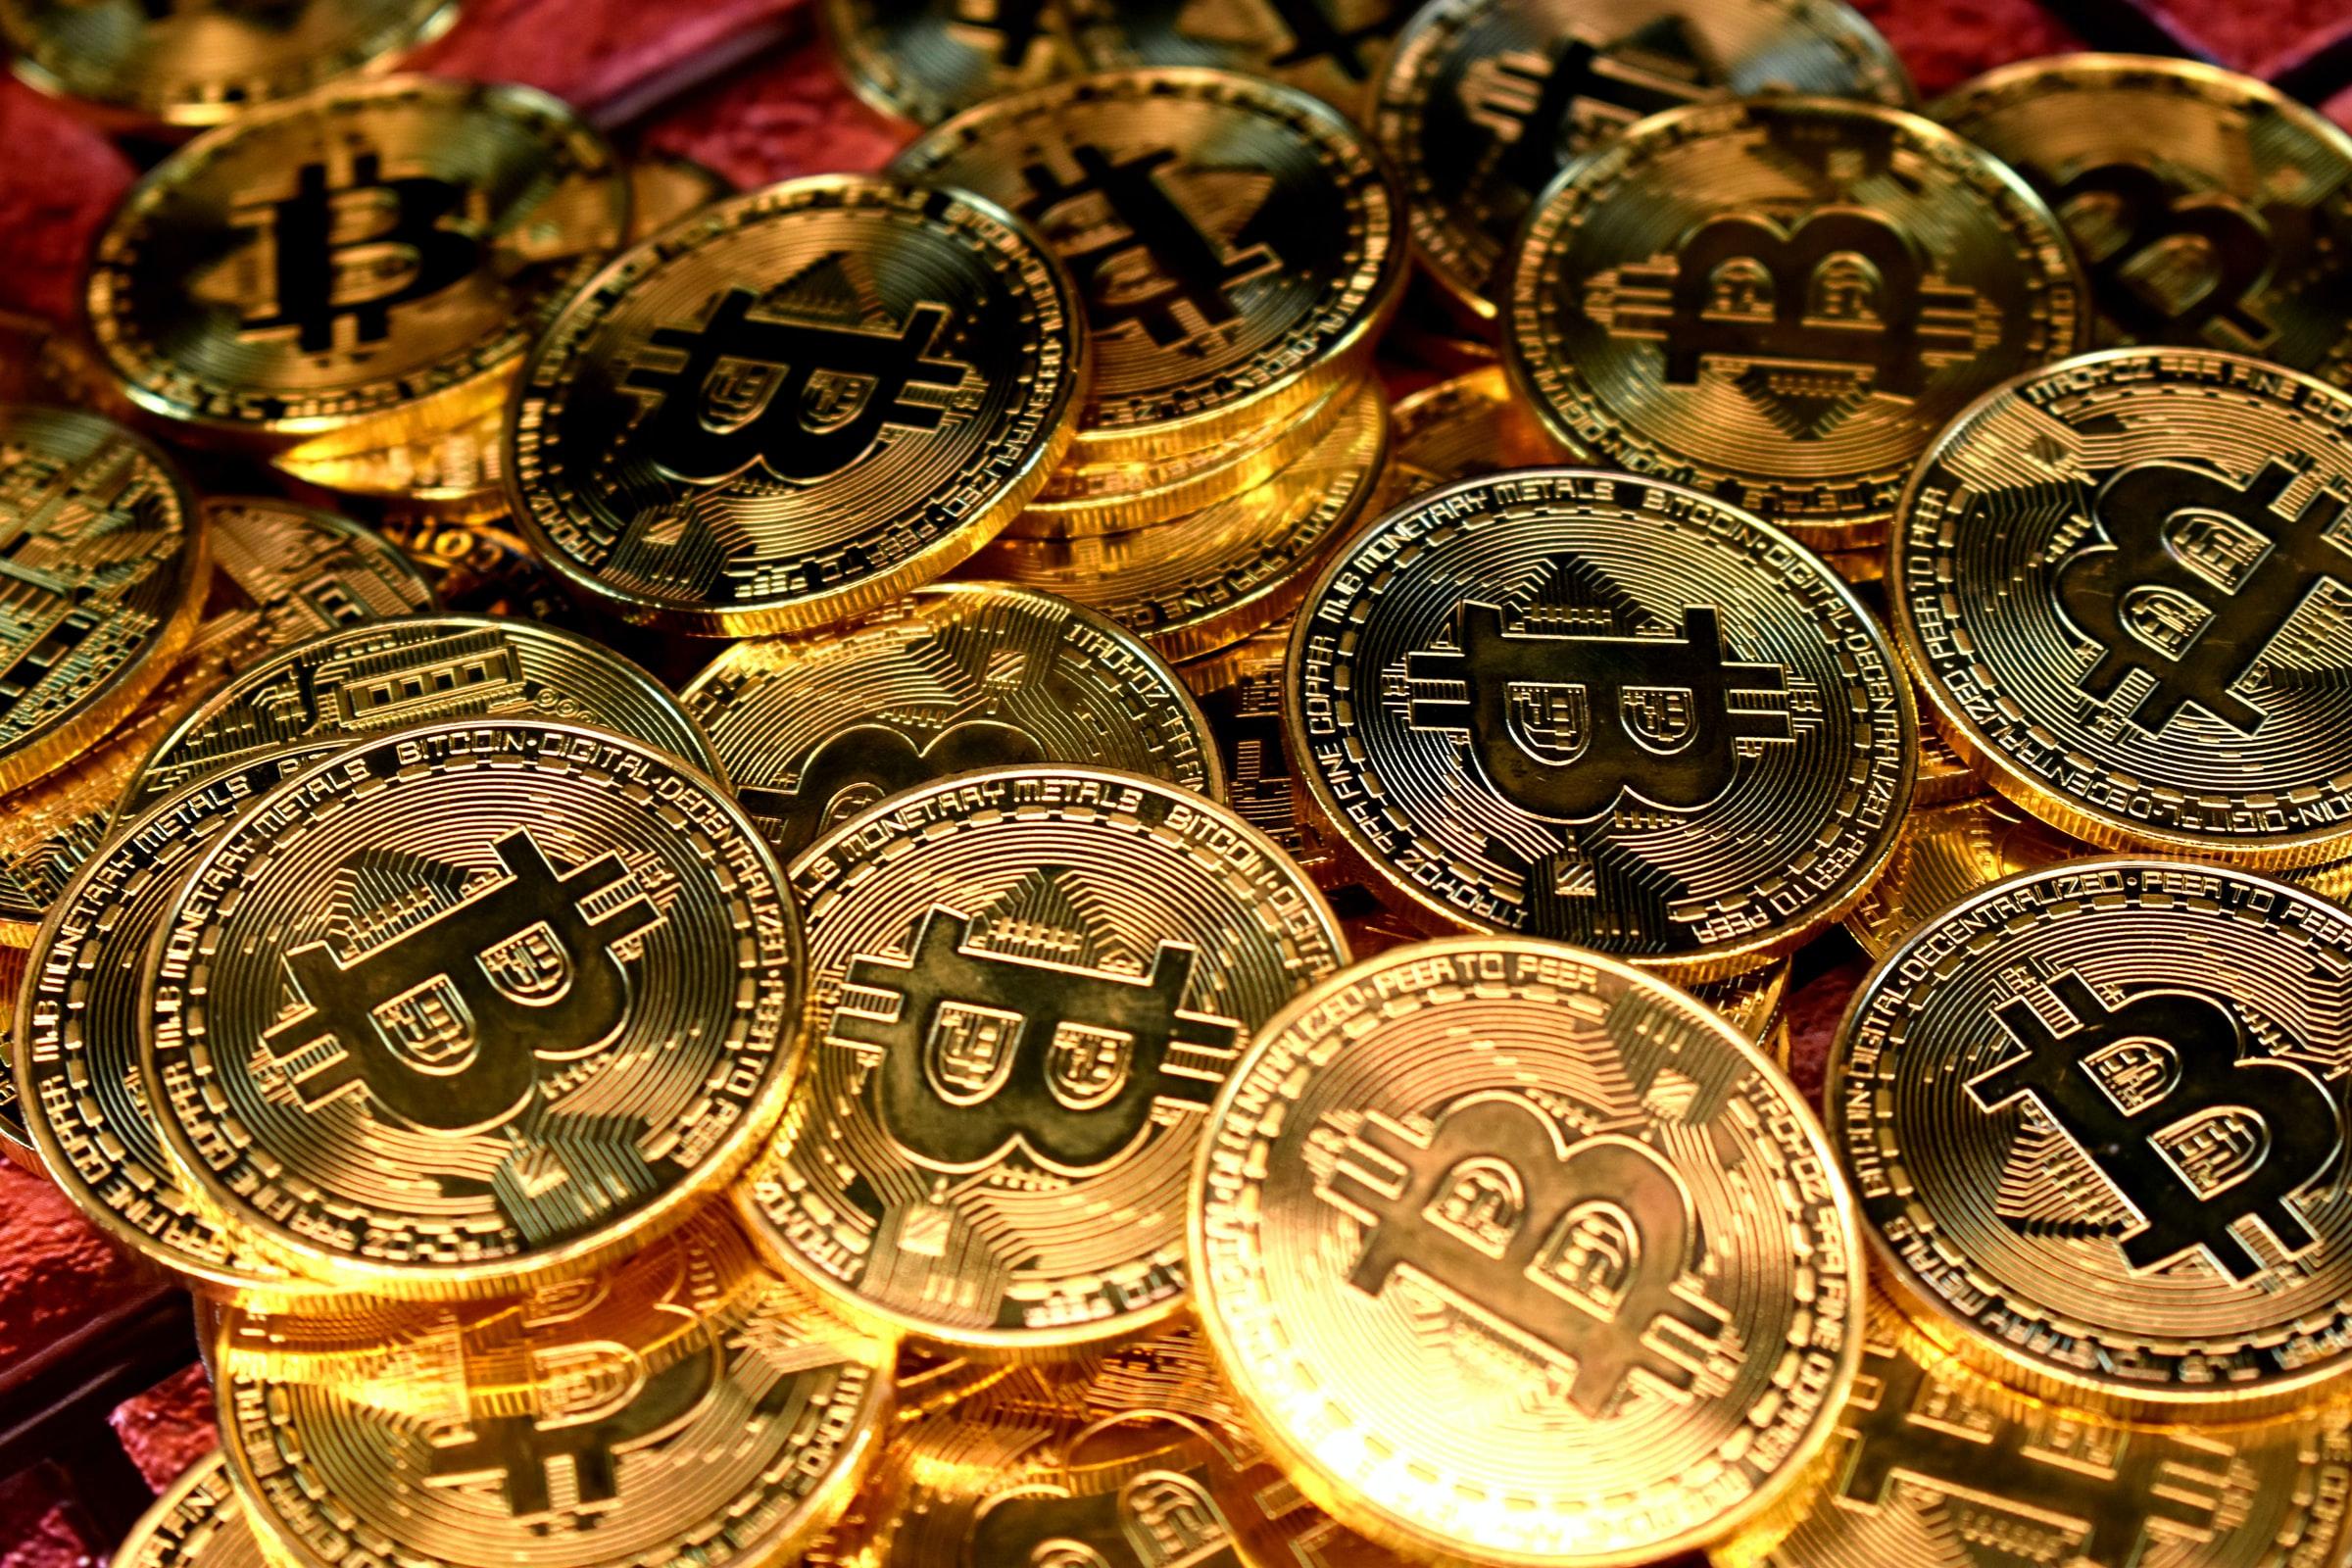 Virtuálne meny vs. daň z pridanej hodnoty